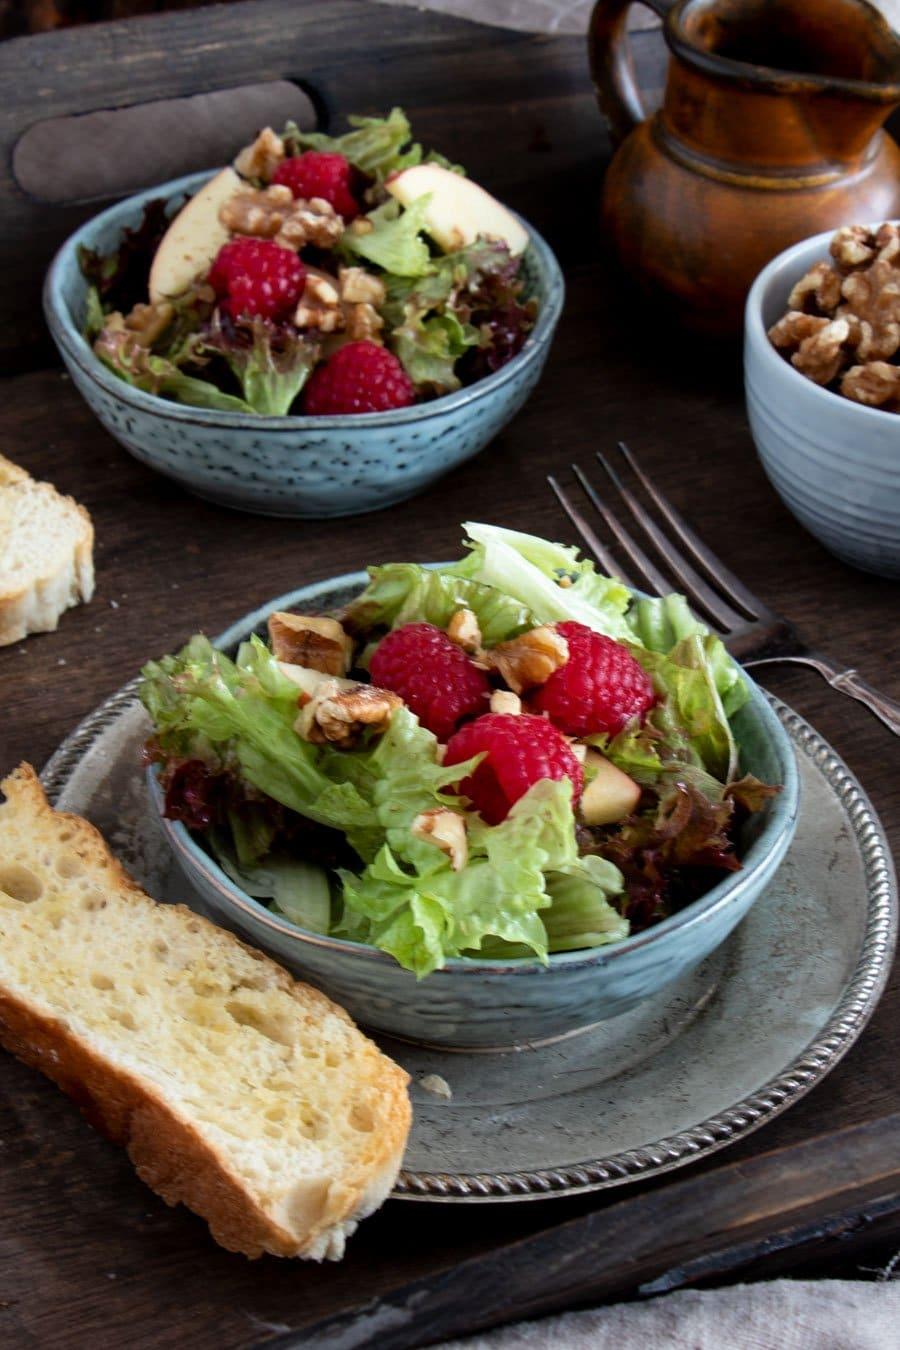 fruchtiger wintersalat rezept mit himbeeren pfeln und n ssen die k che brennt. Black Bedroom Furniture Sets. Home Design Ideas